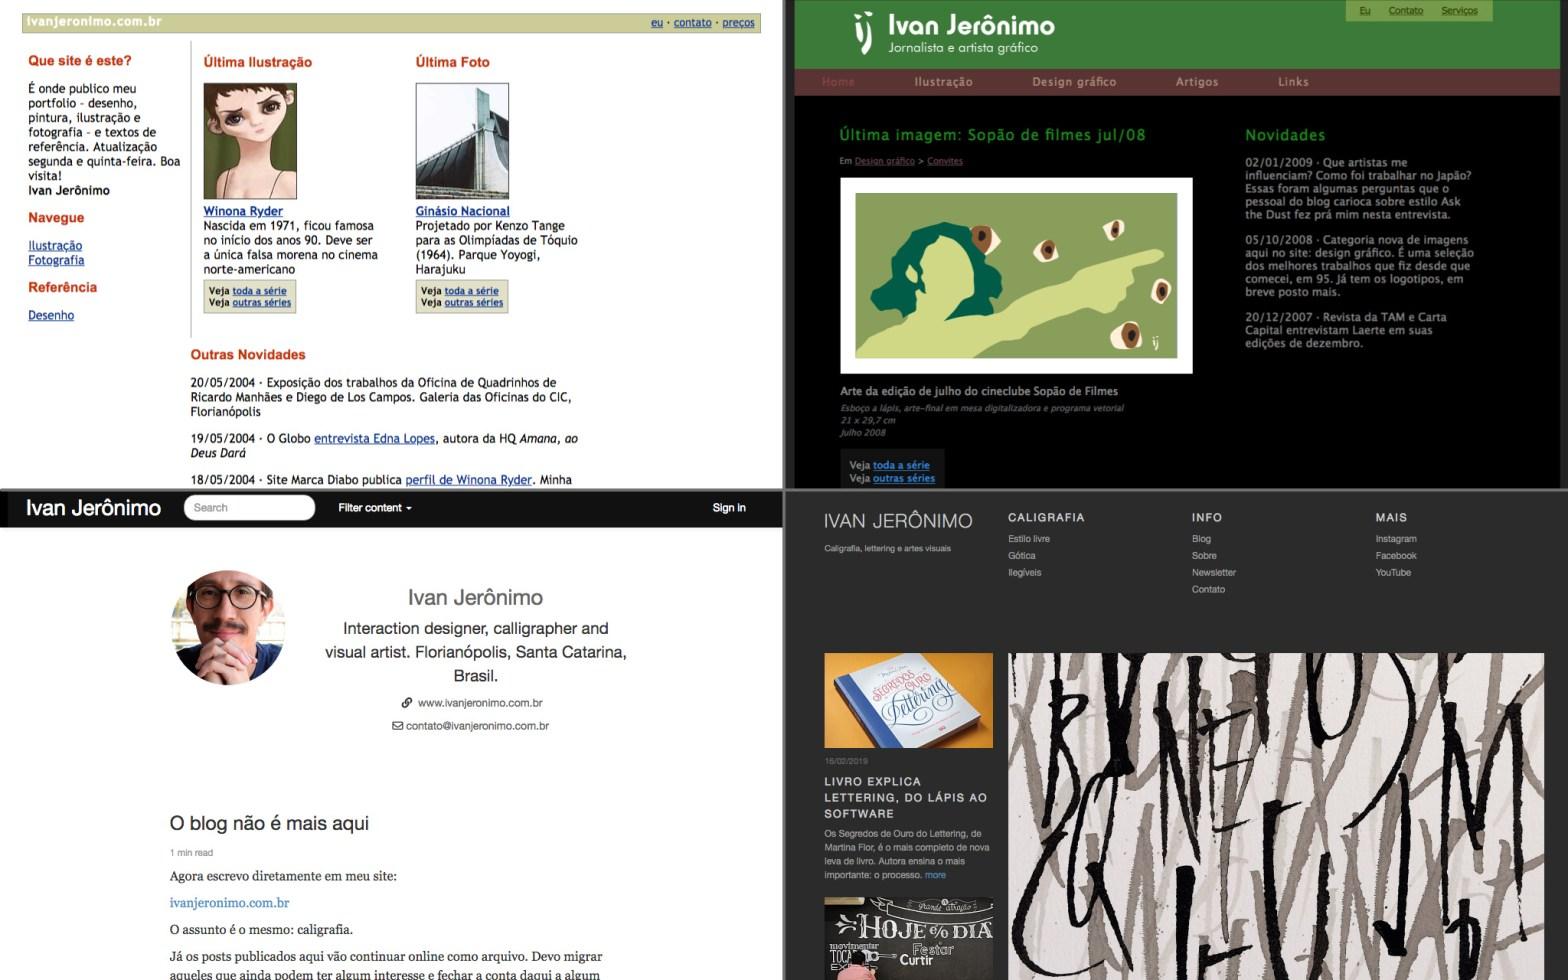 Captura de tela mostrando a página inicial das quatro versões do meu site